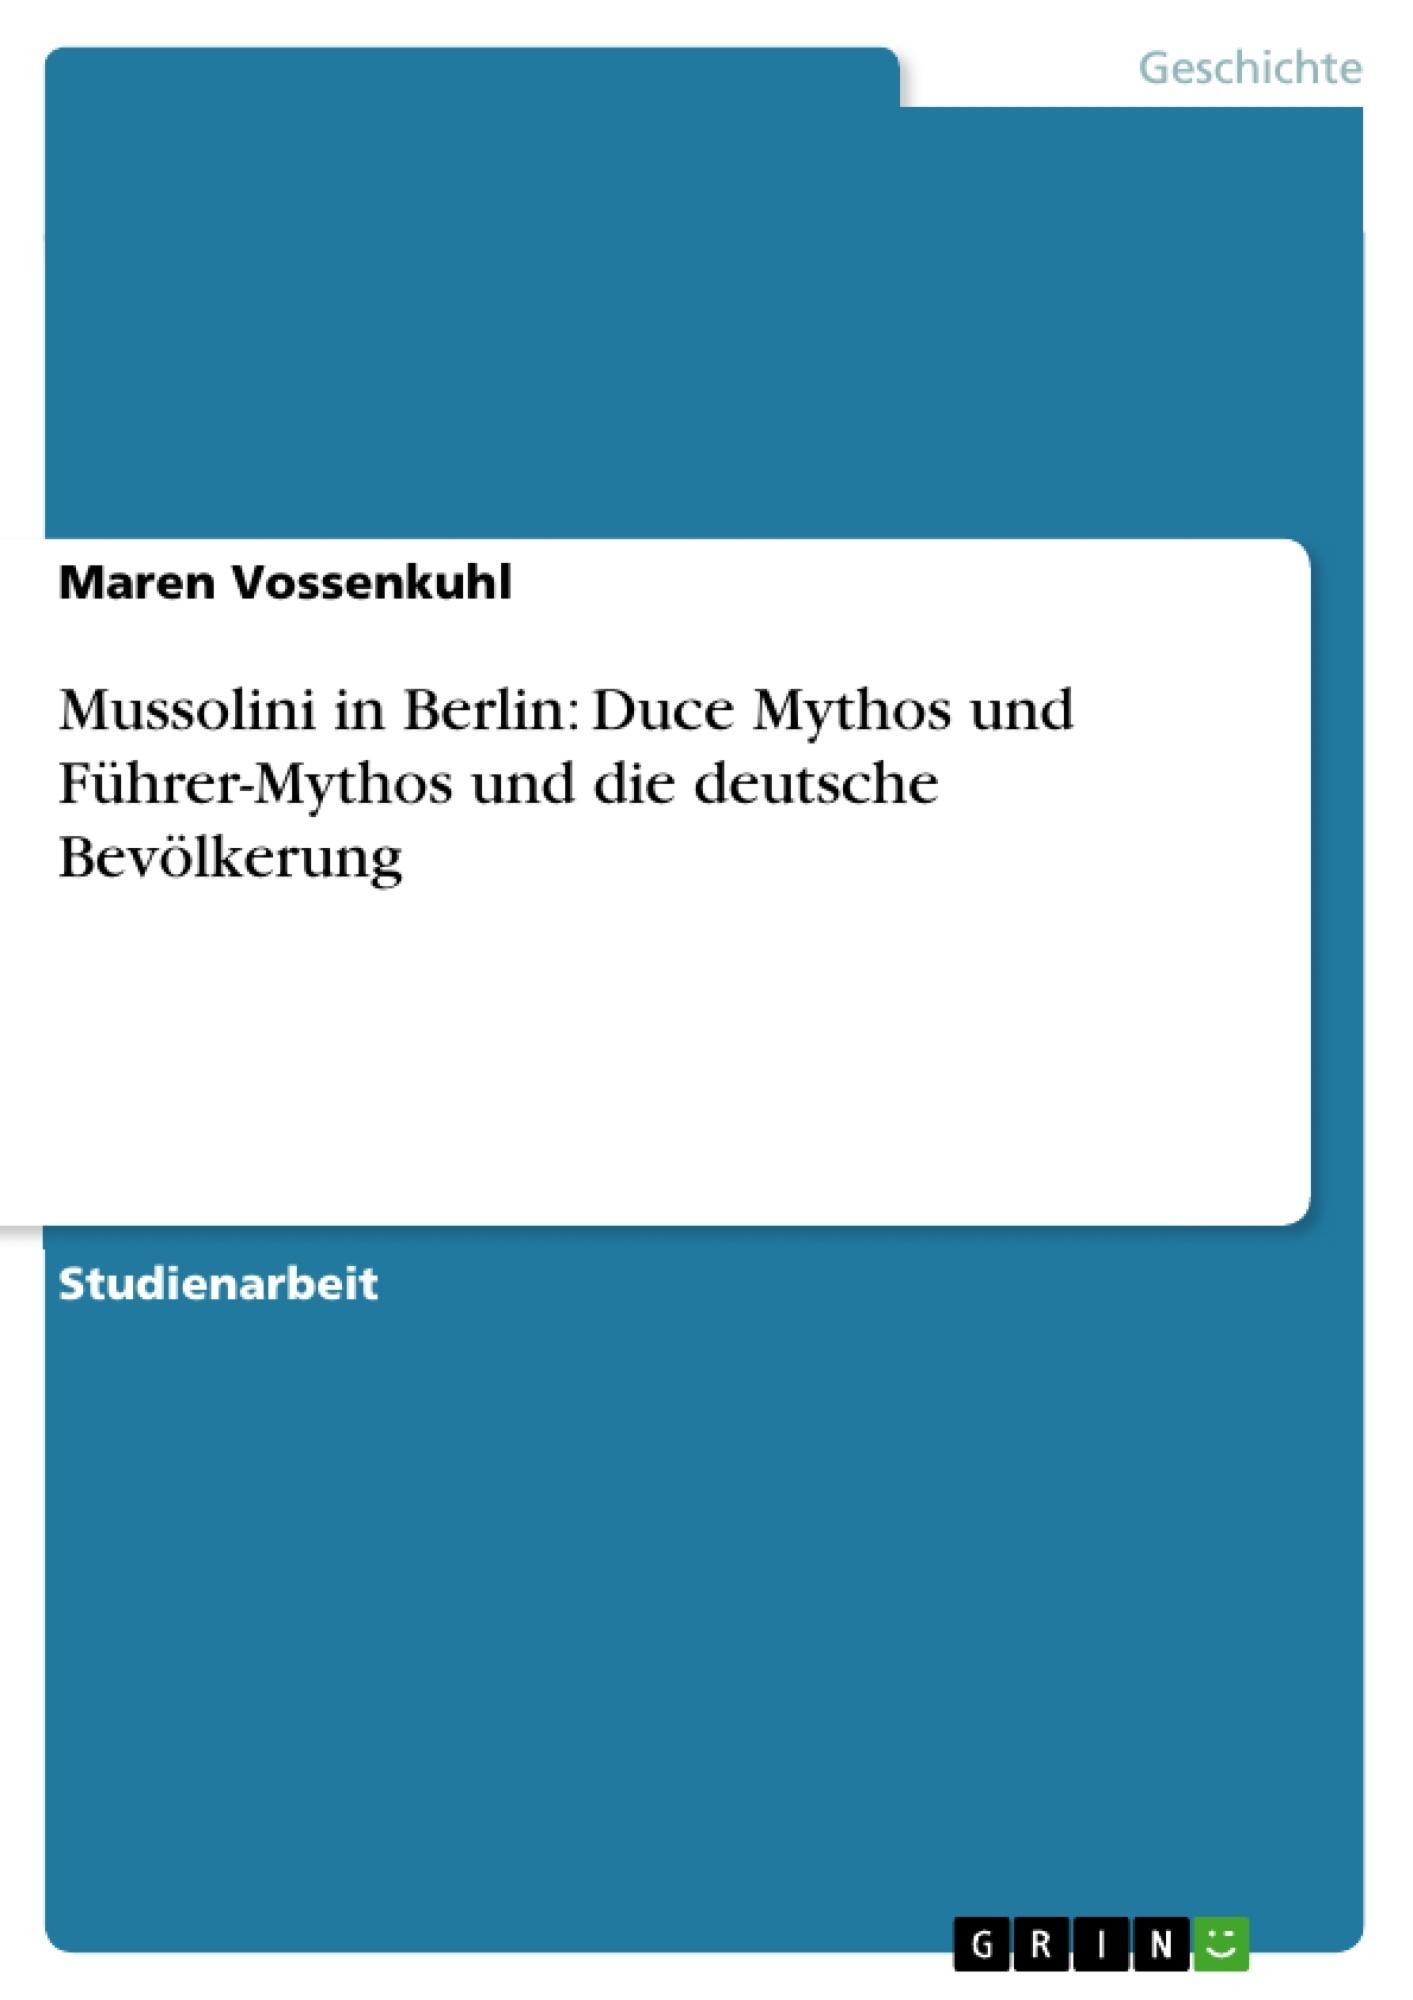 Titel: Mussolini in Berlin: Duce Mythos und Führer-Mythos und die deutsche Bevölkerung